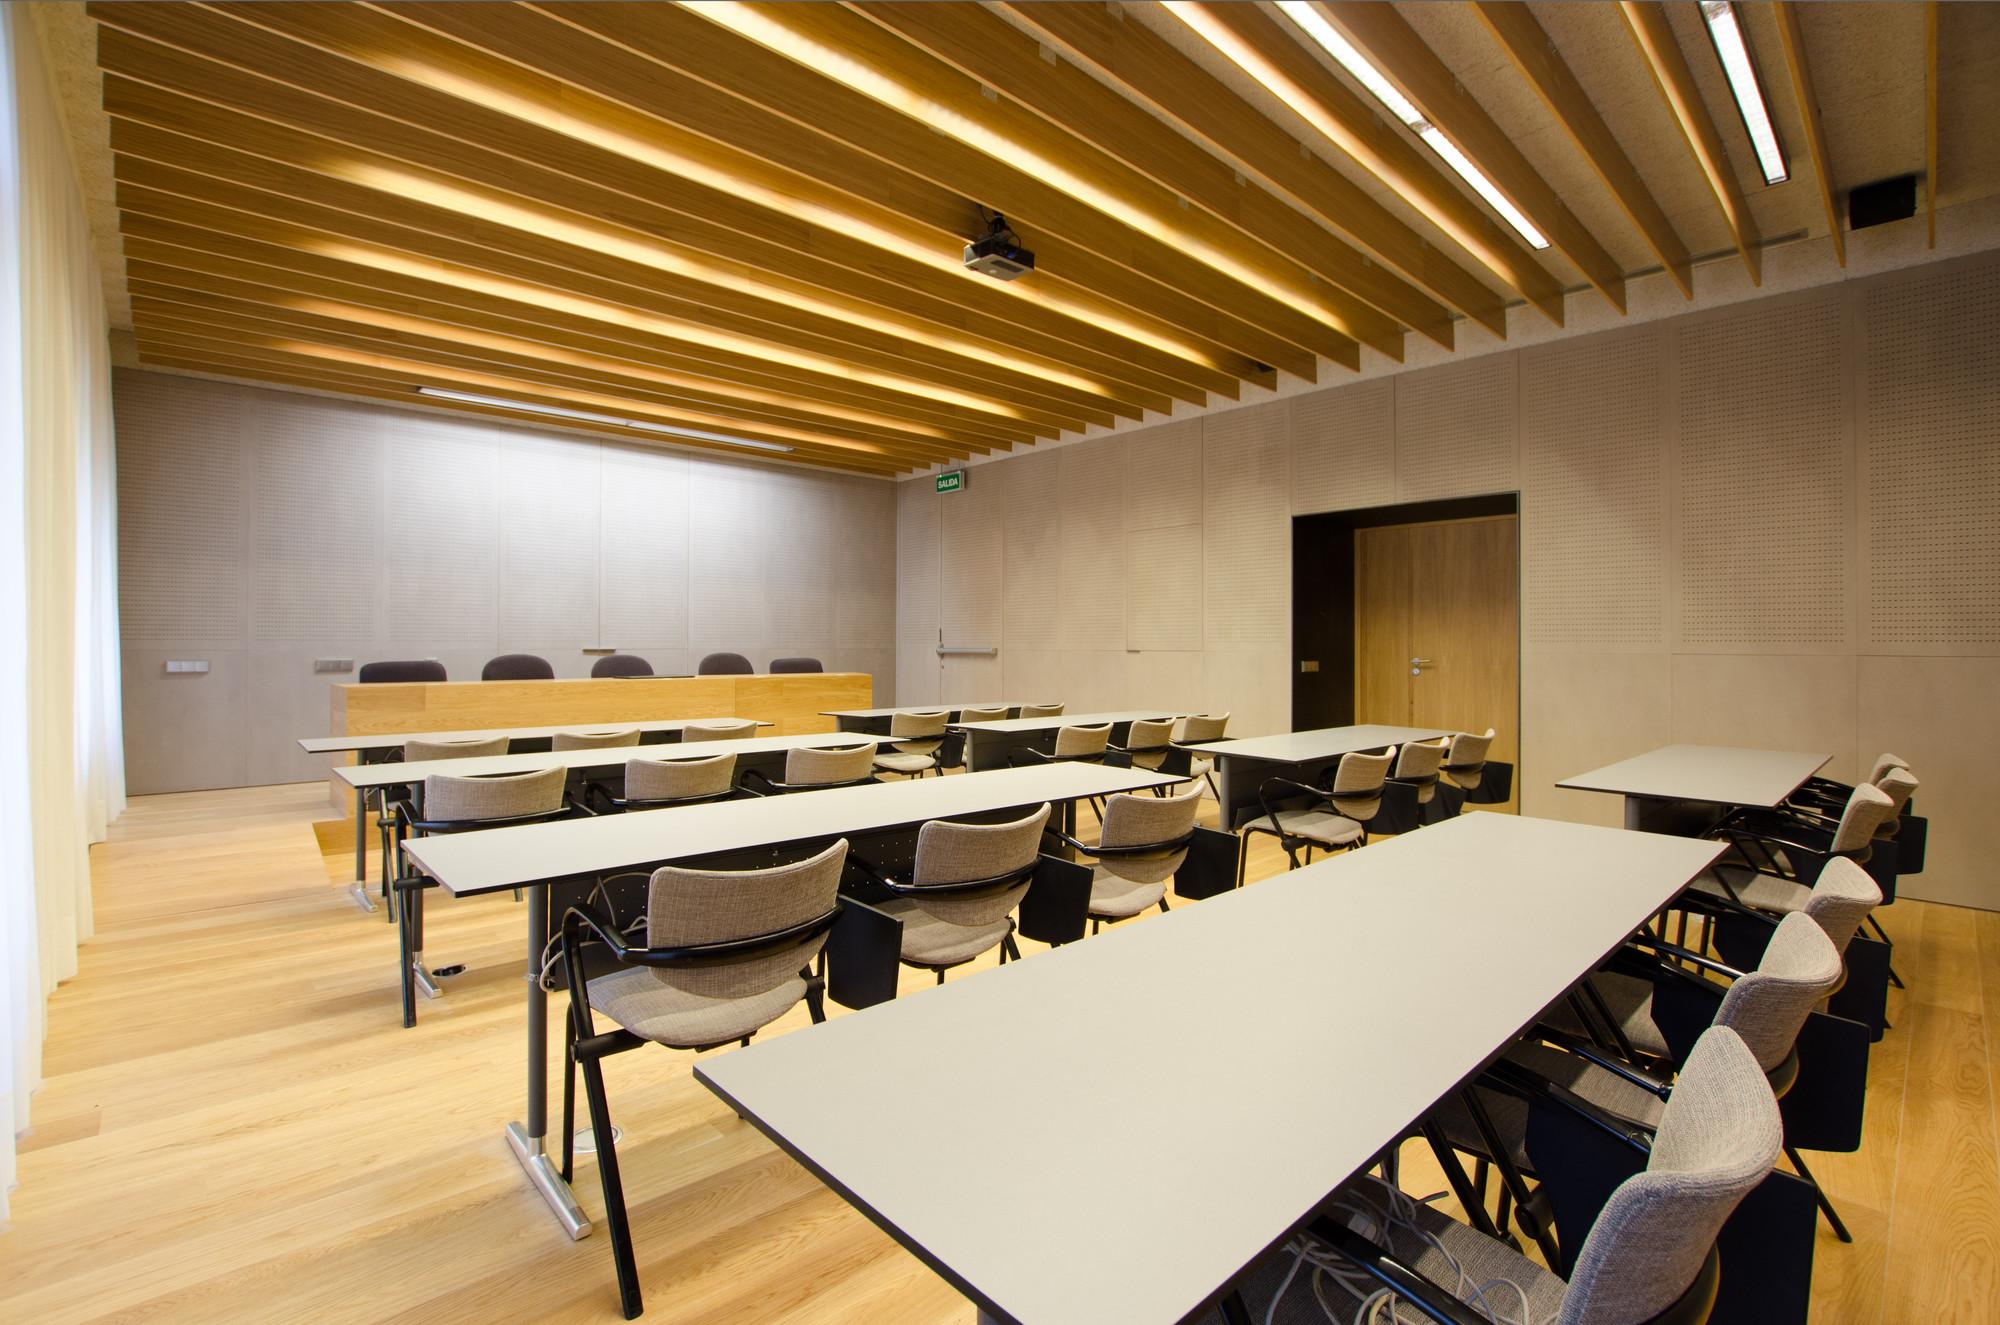 Galería de Proyecto de Iluminación: Colegio de Ingenieros ...